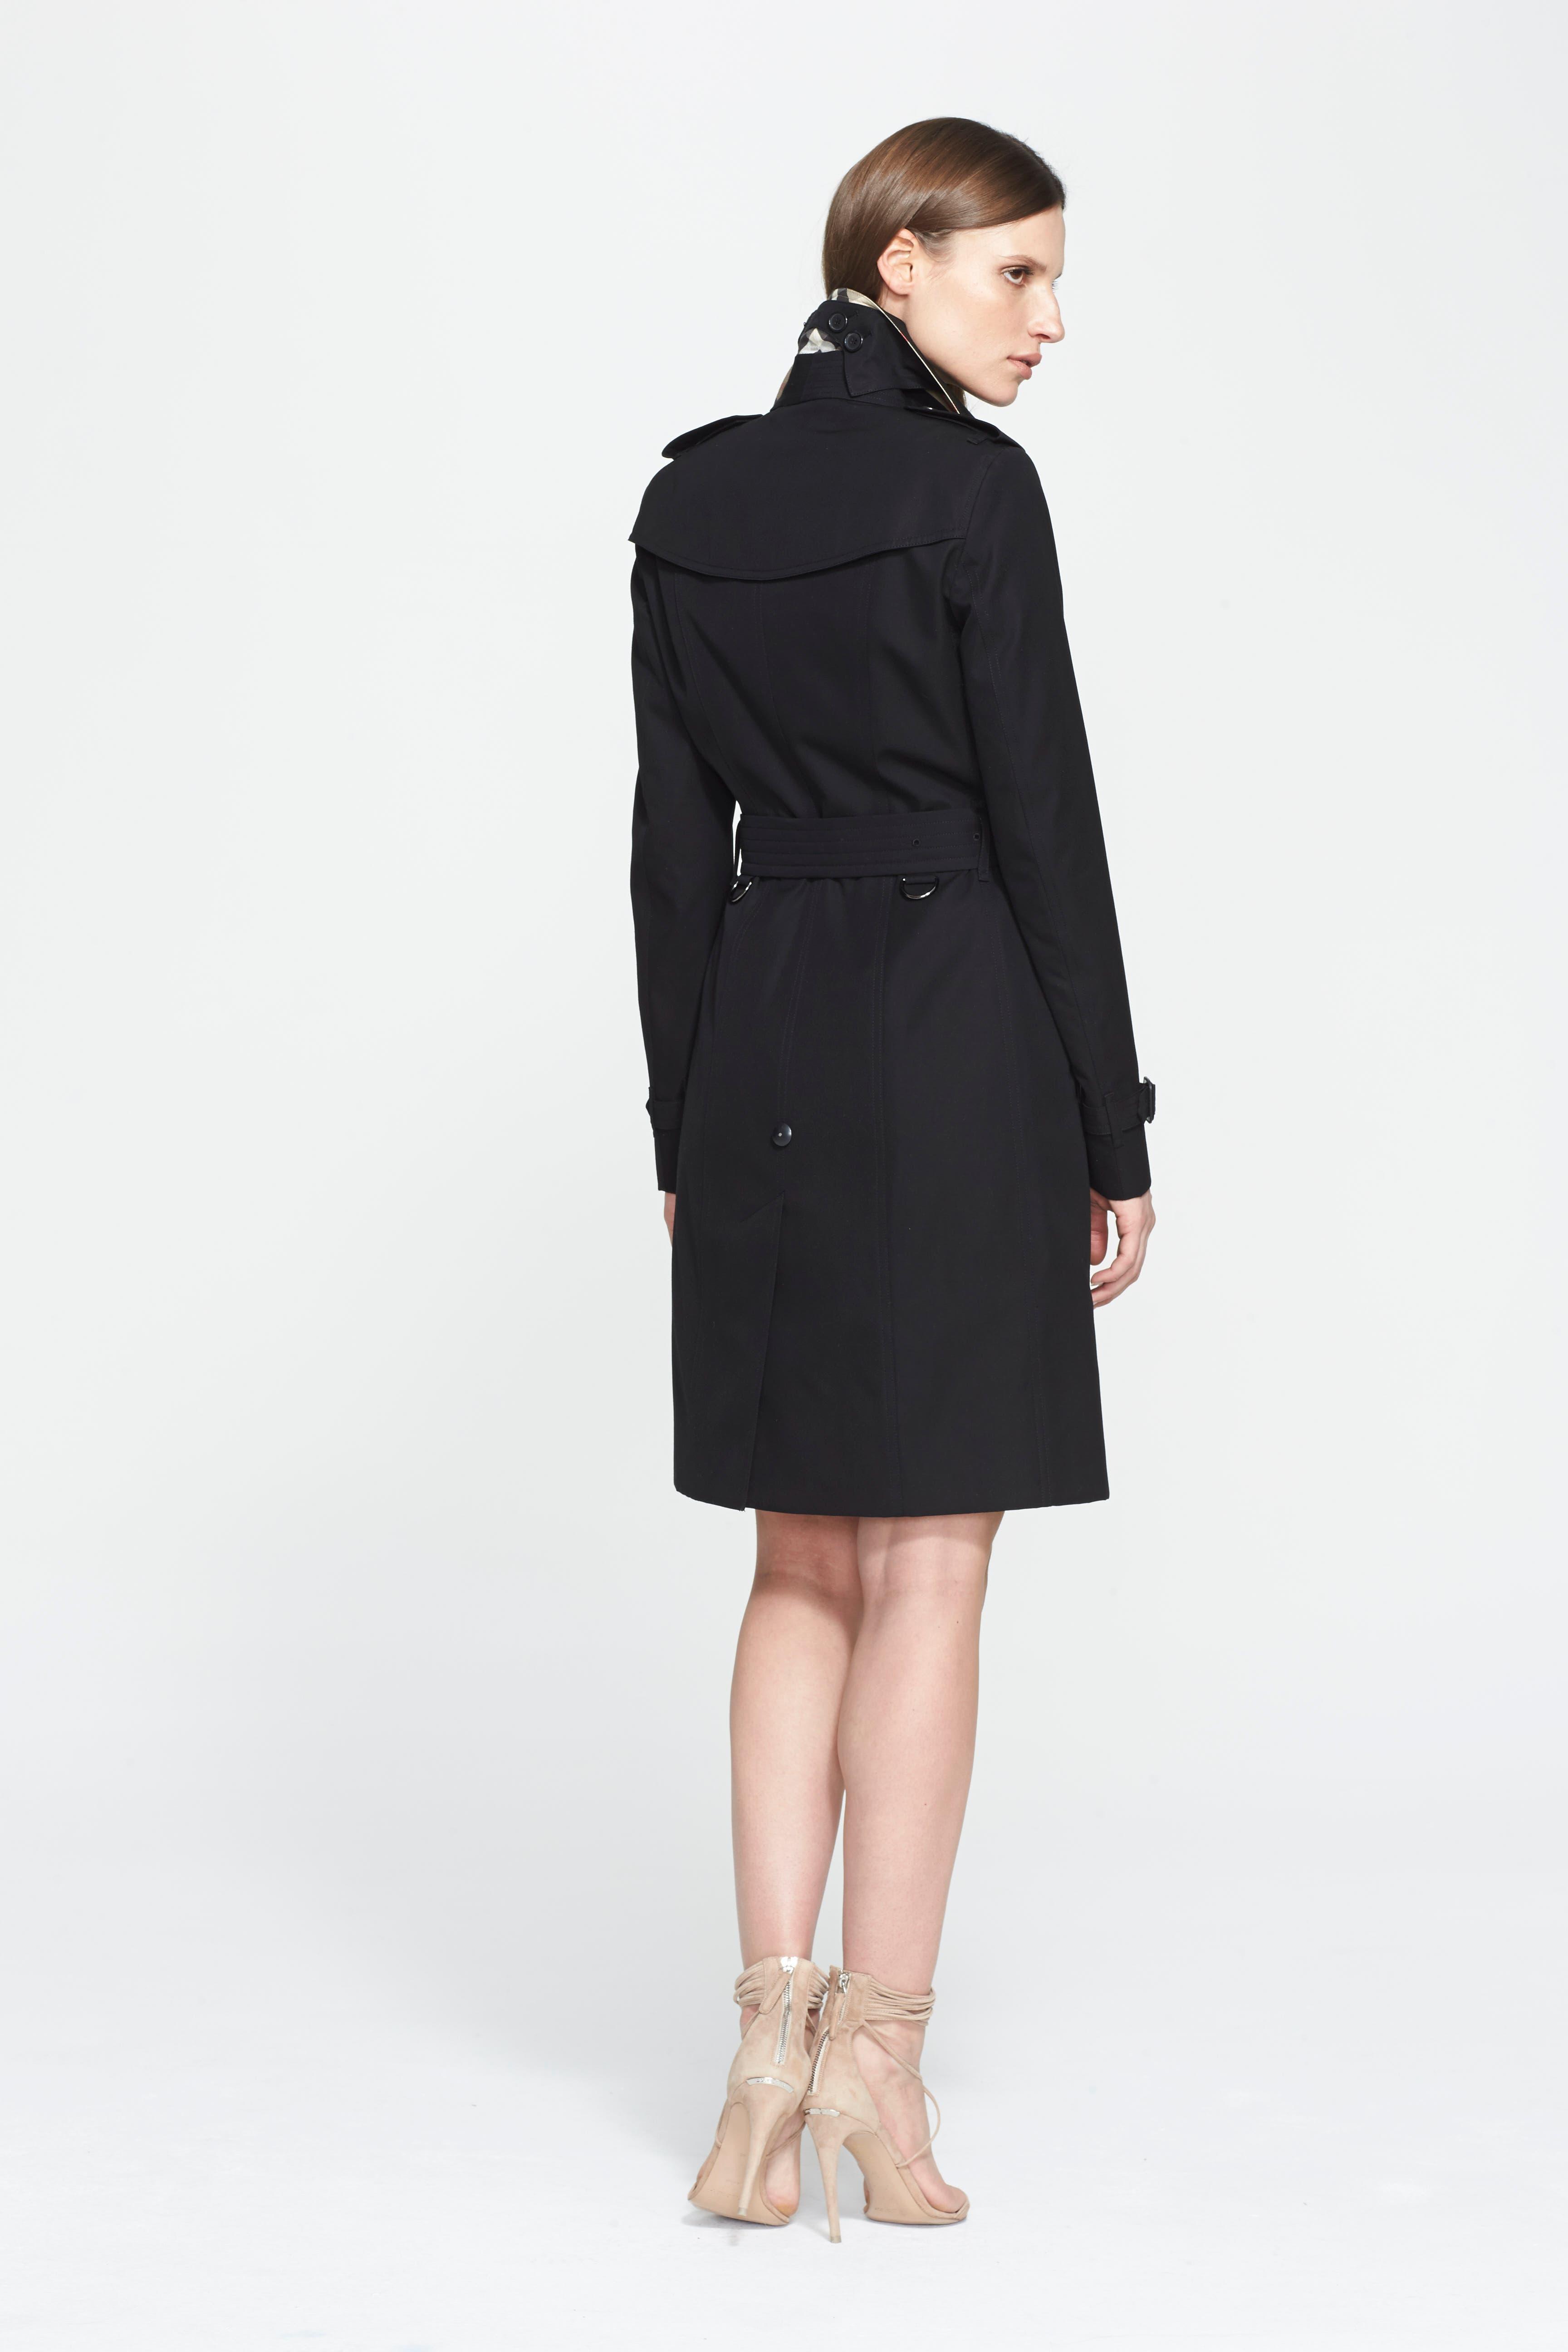 BURBERRY, Sandringham Long Slim Trench Coat, Alternate thumbnail 2, color, BLACK